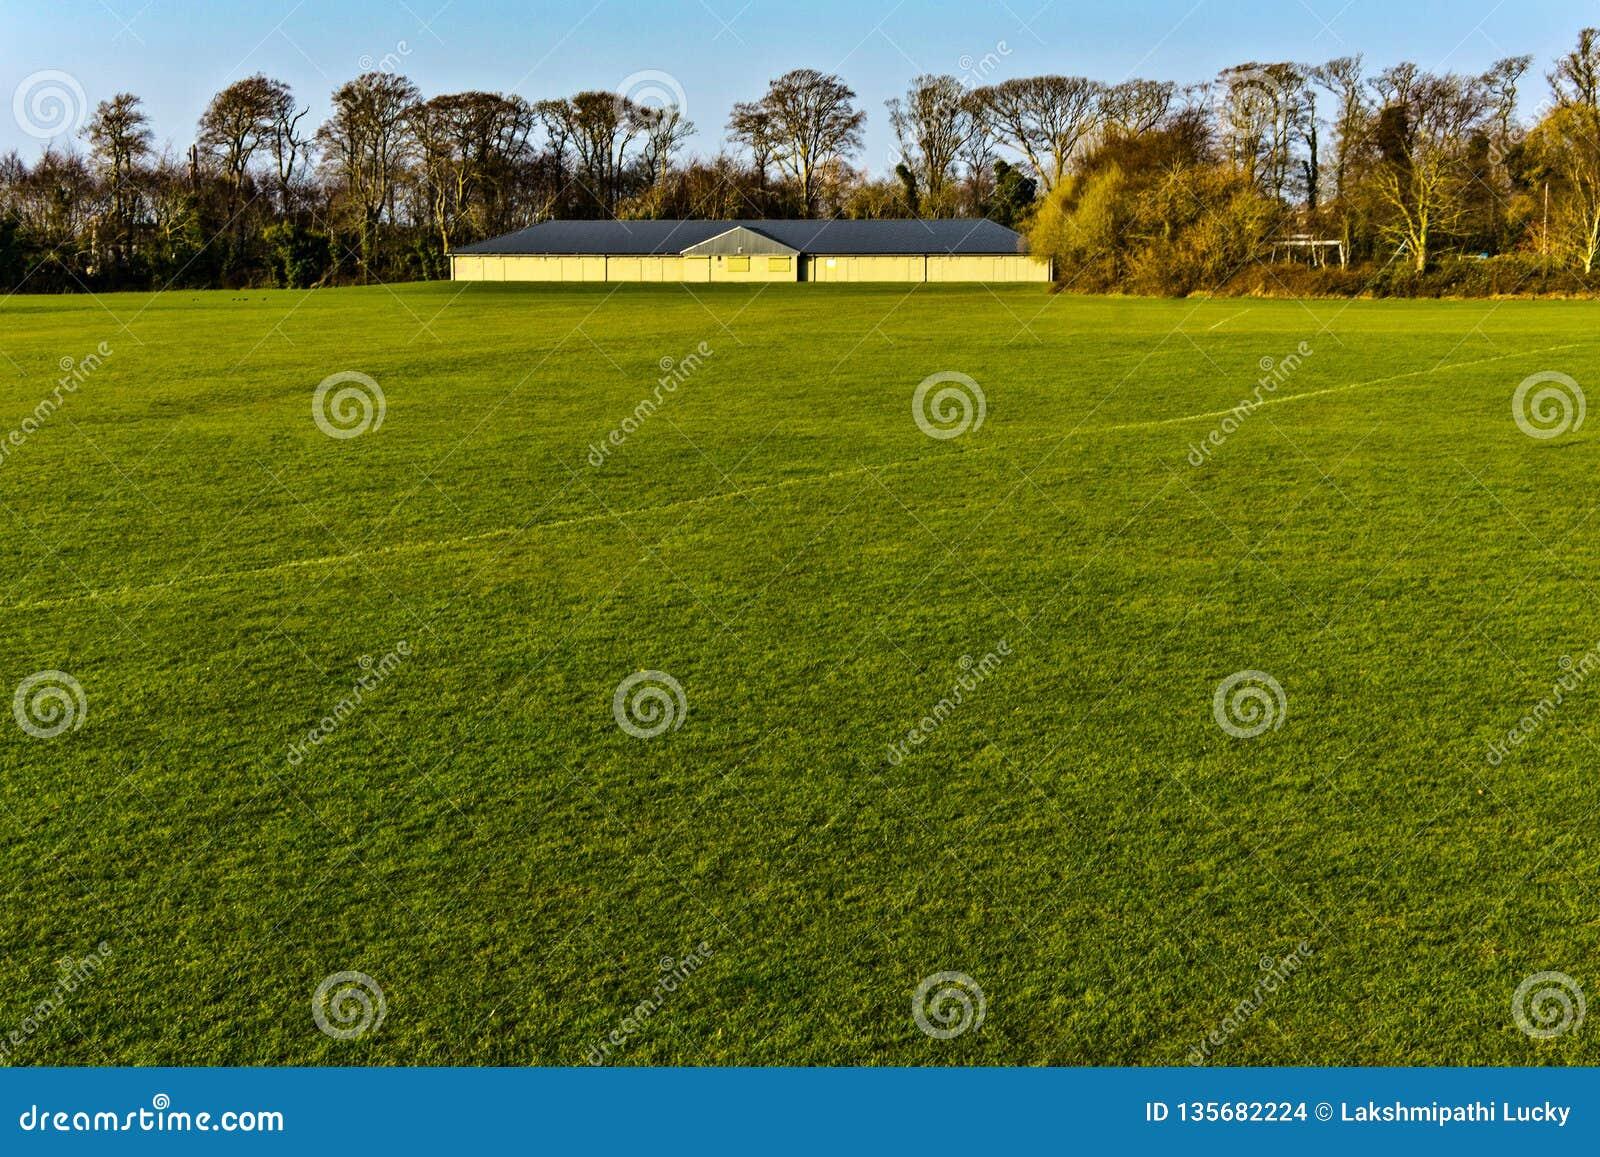 Voetbalhof met groene gras dag leeg